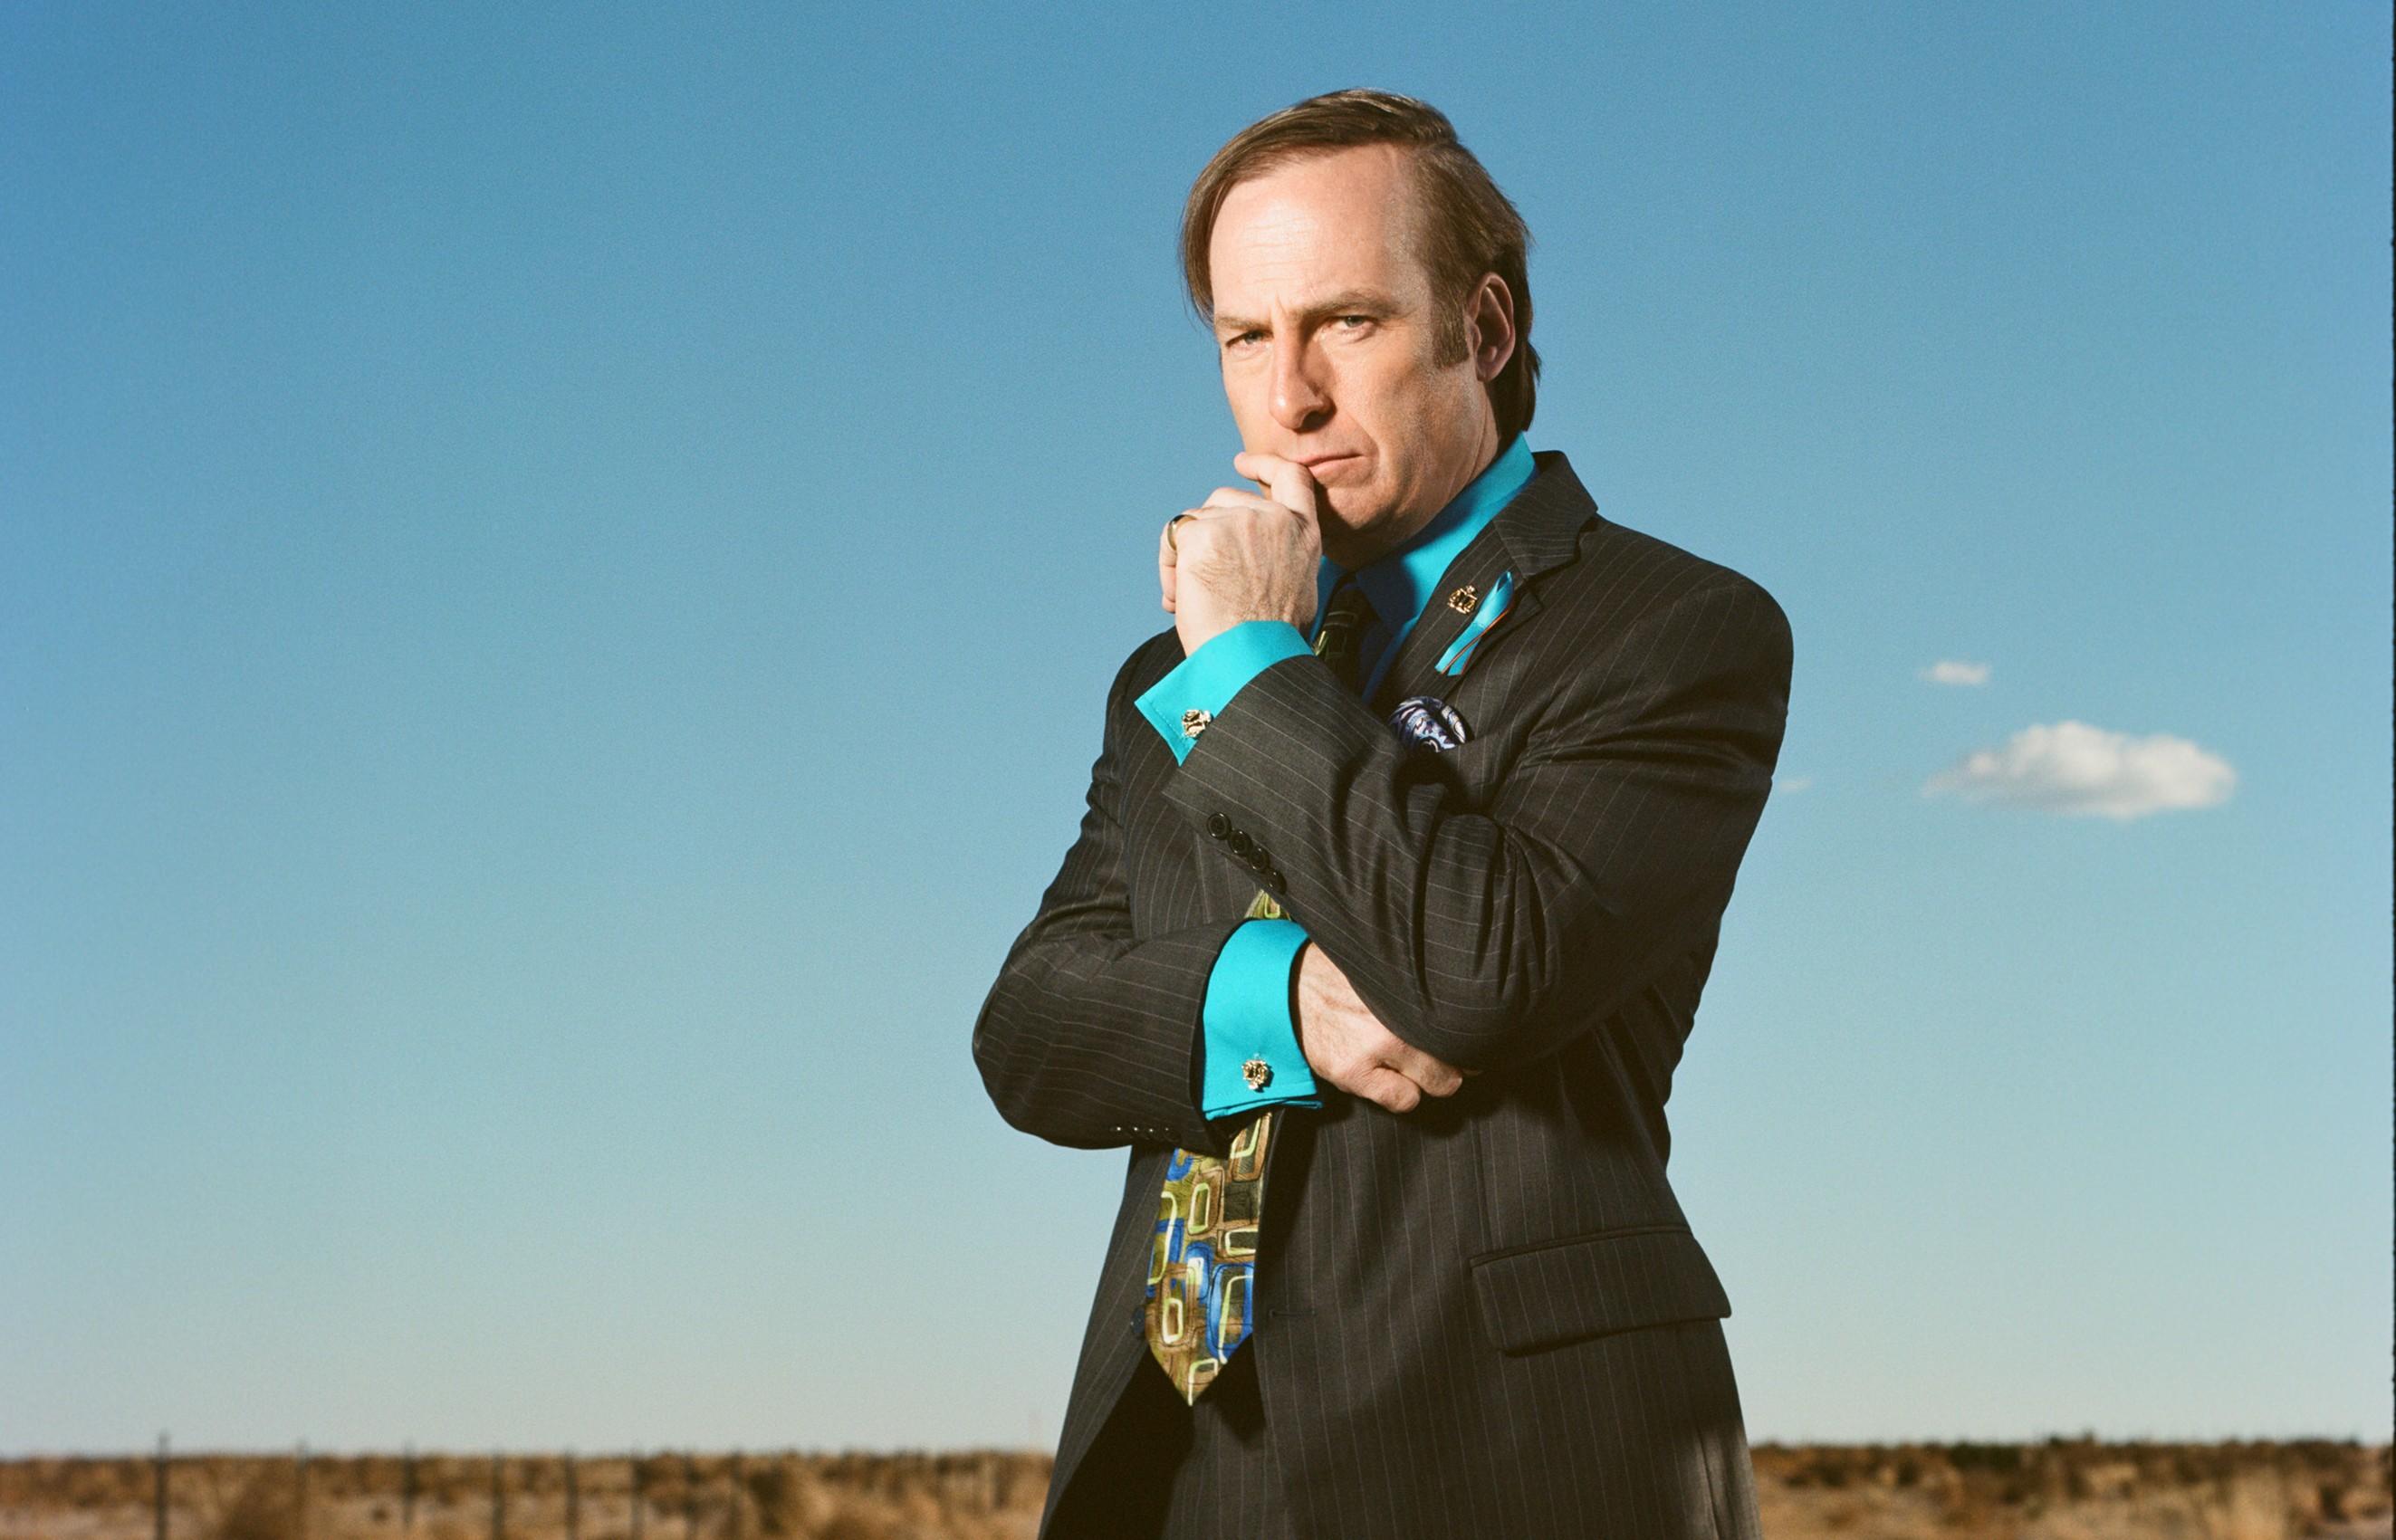 Tak, będzie czwarty sezon Zadzwoń do Saula. Tyle, że… nie wiadomo kiedy